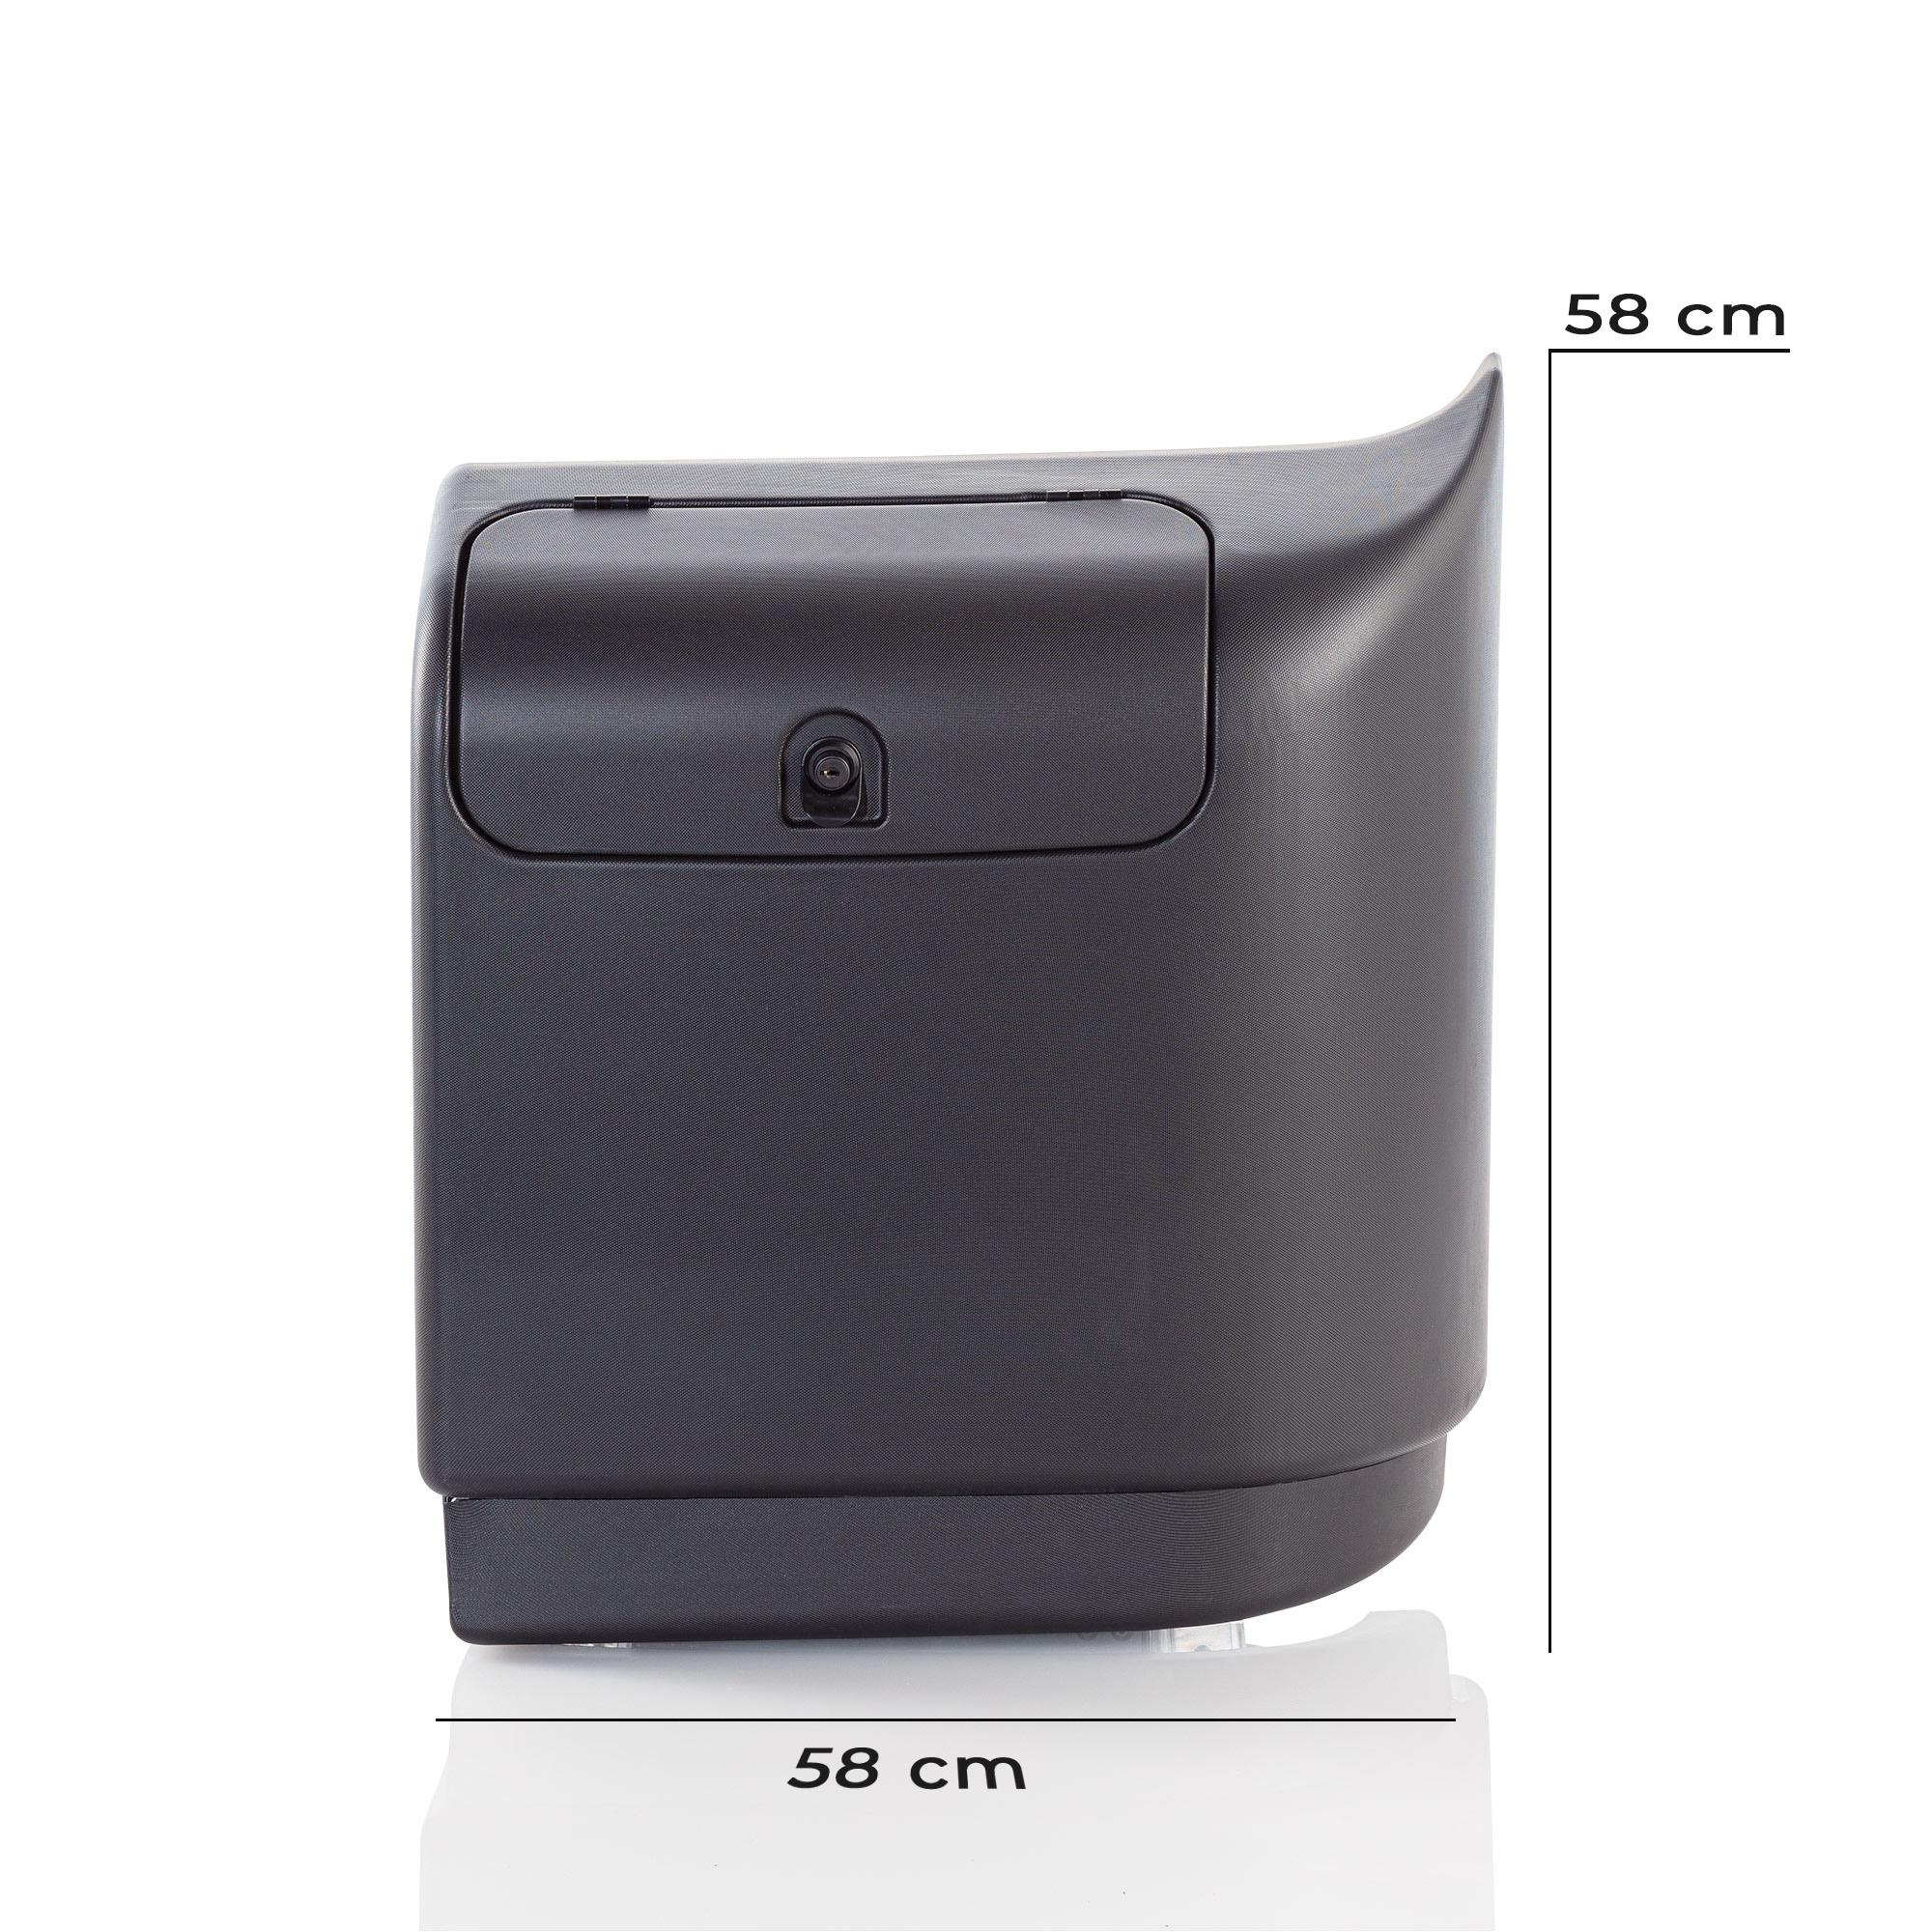 MPB 5858 EU / 46 LT Soğutucu Araç Buzdolabı